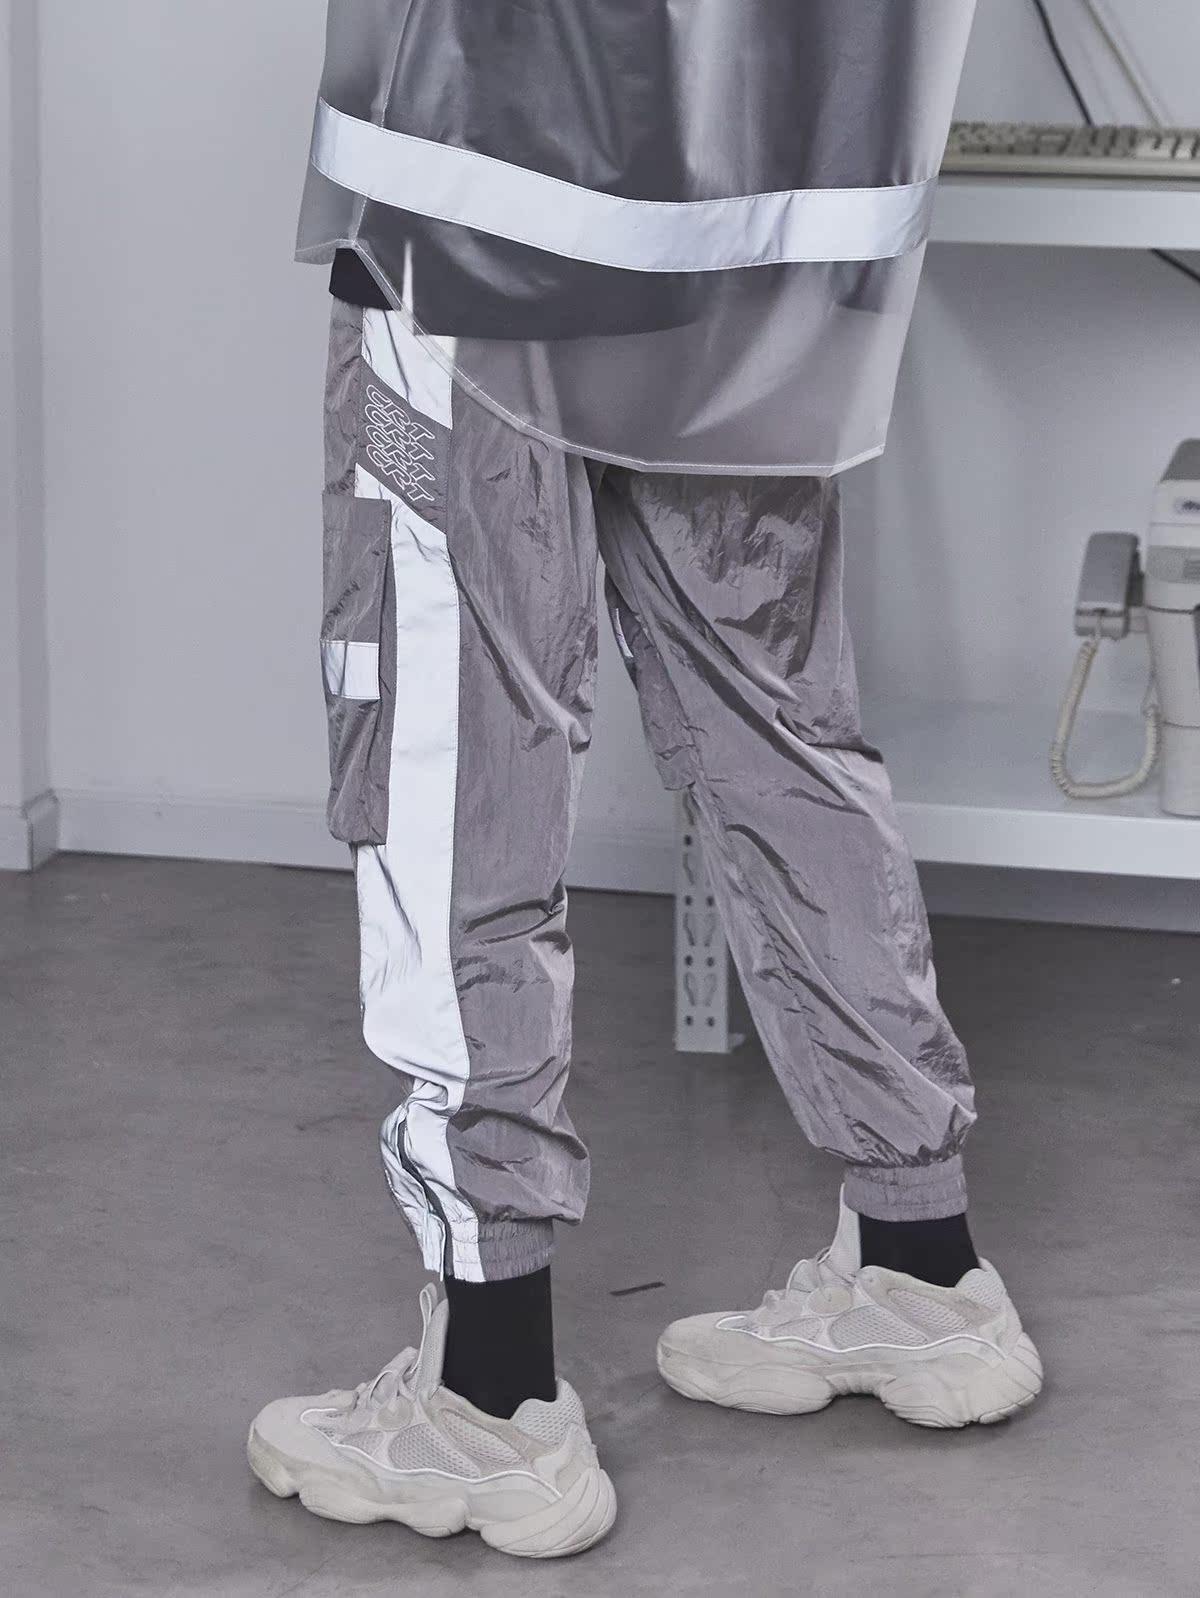 CHRROTA 3M反光国潮嘻哈街舞复古运动工装宽松情侣九分裤束脚裤